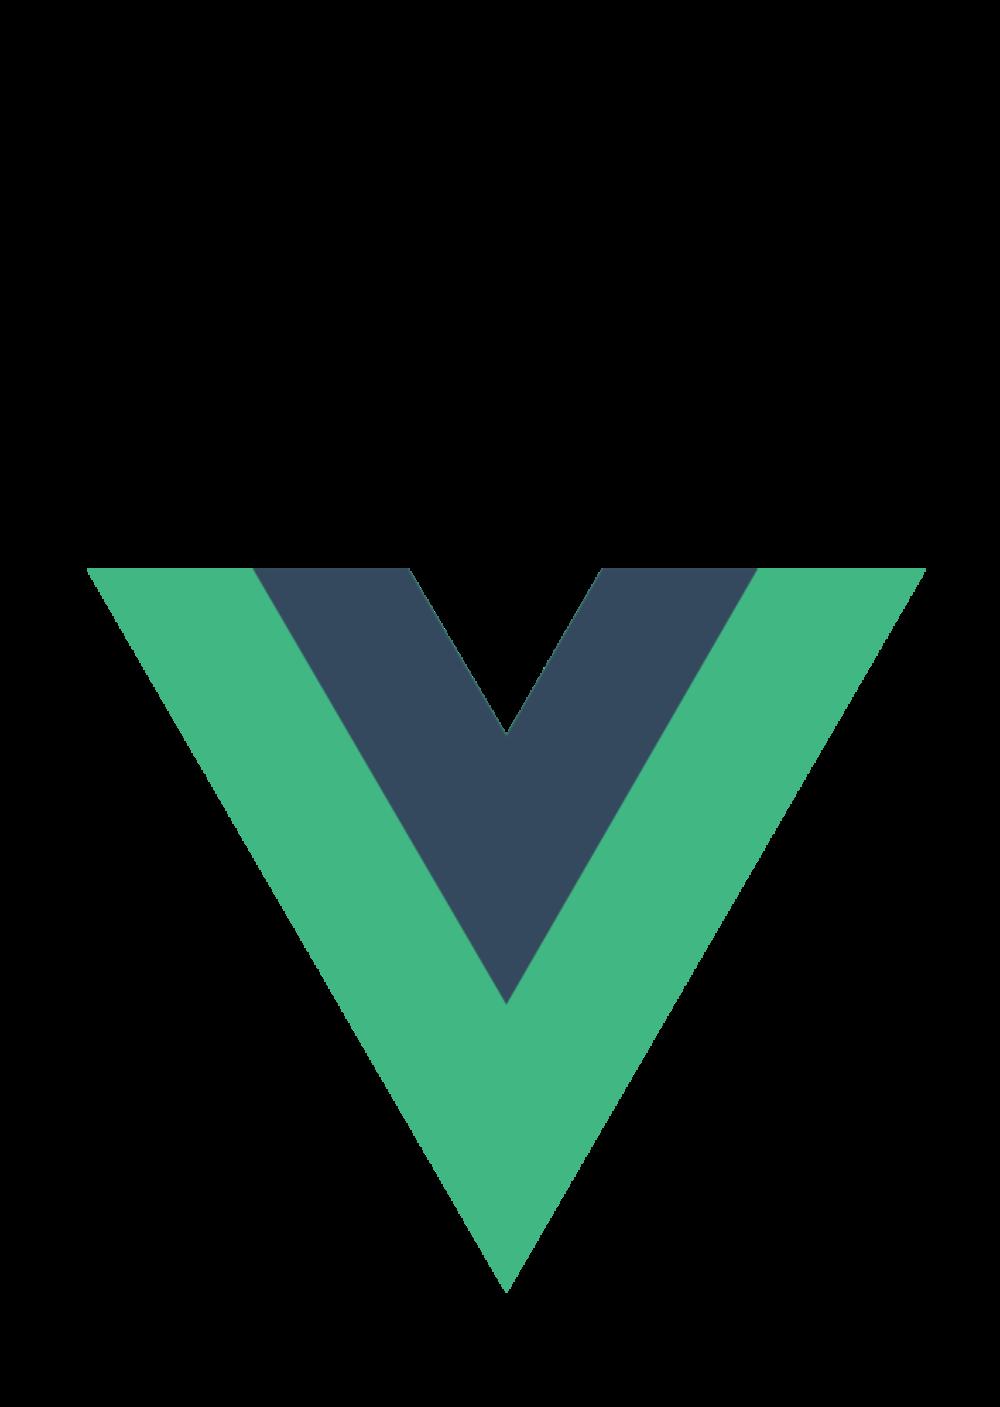 Logo Vue.js